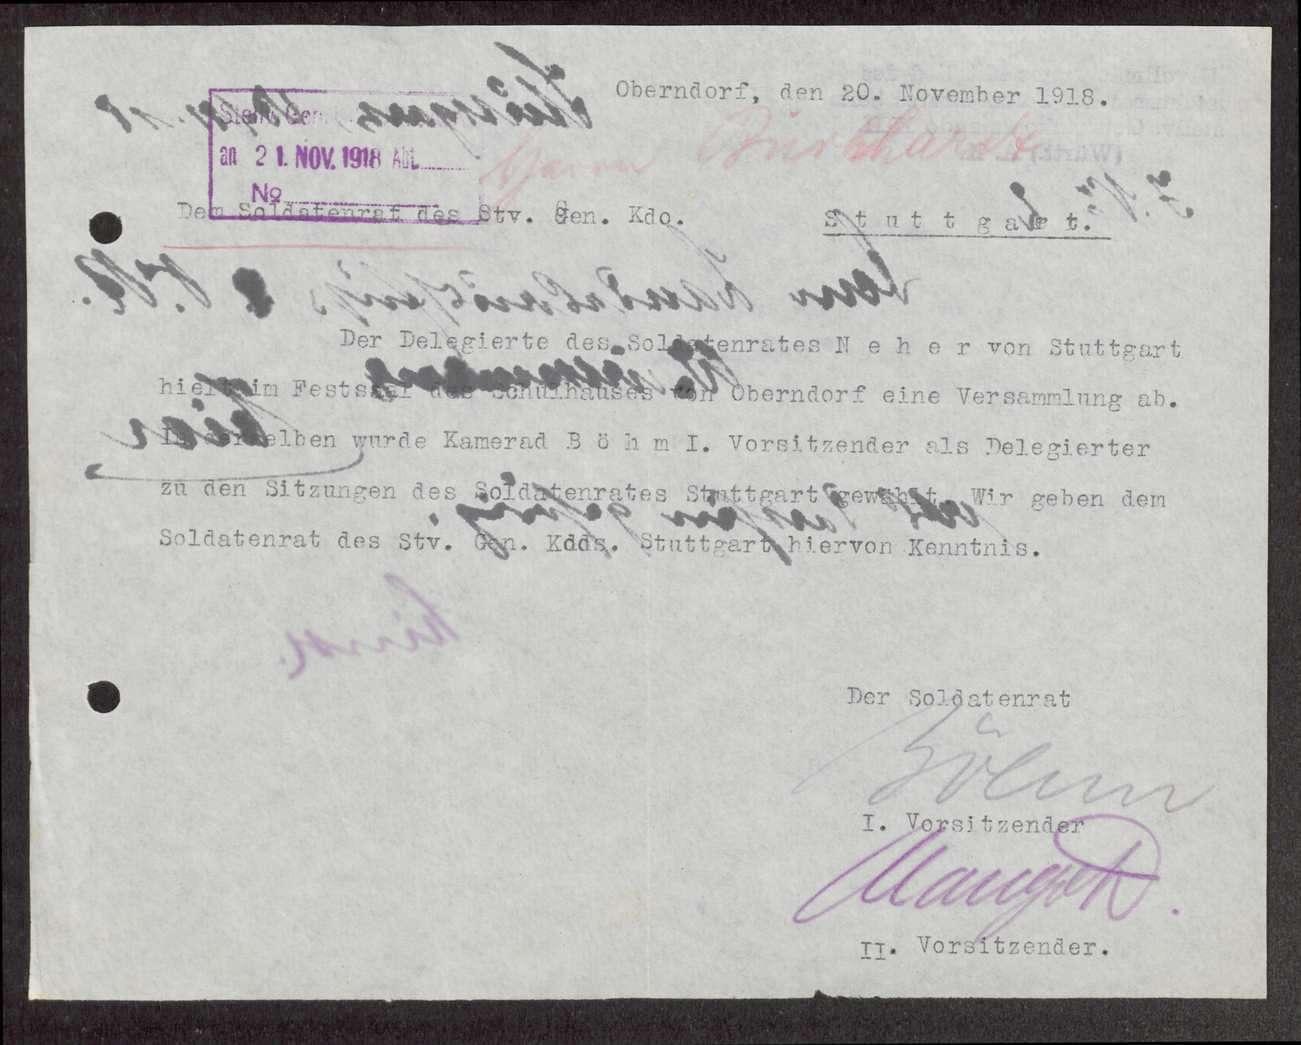 Garnisonsrat Oberndorf: Zusammensetzung, Aufhebung, Kontrolle durch den Landesausschuss, Bild 1